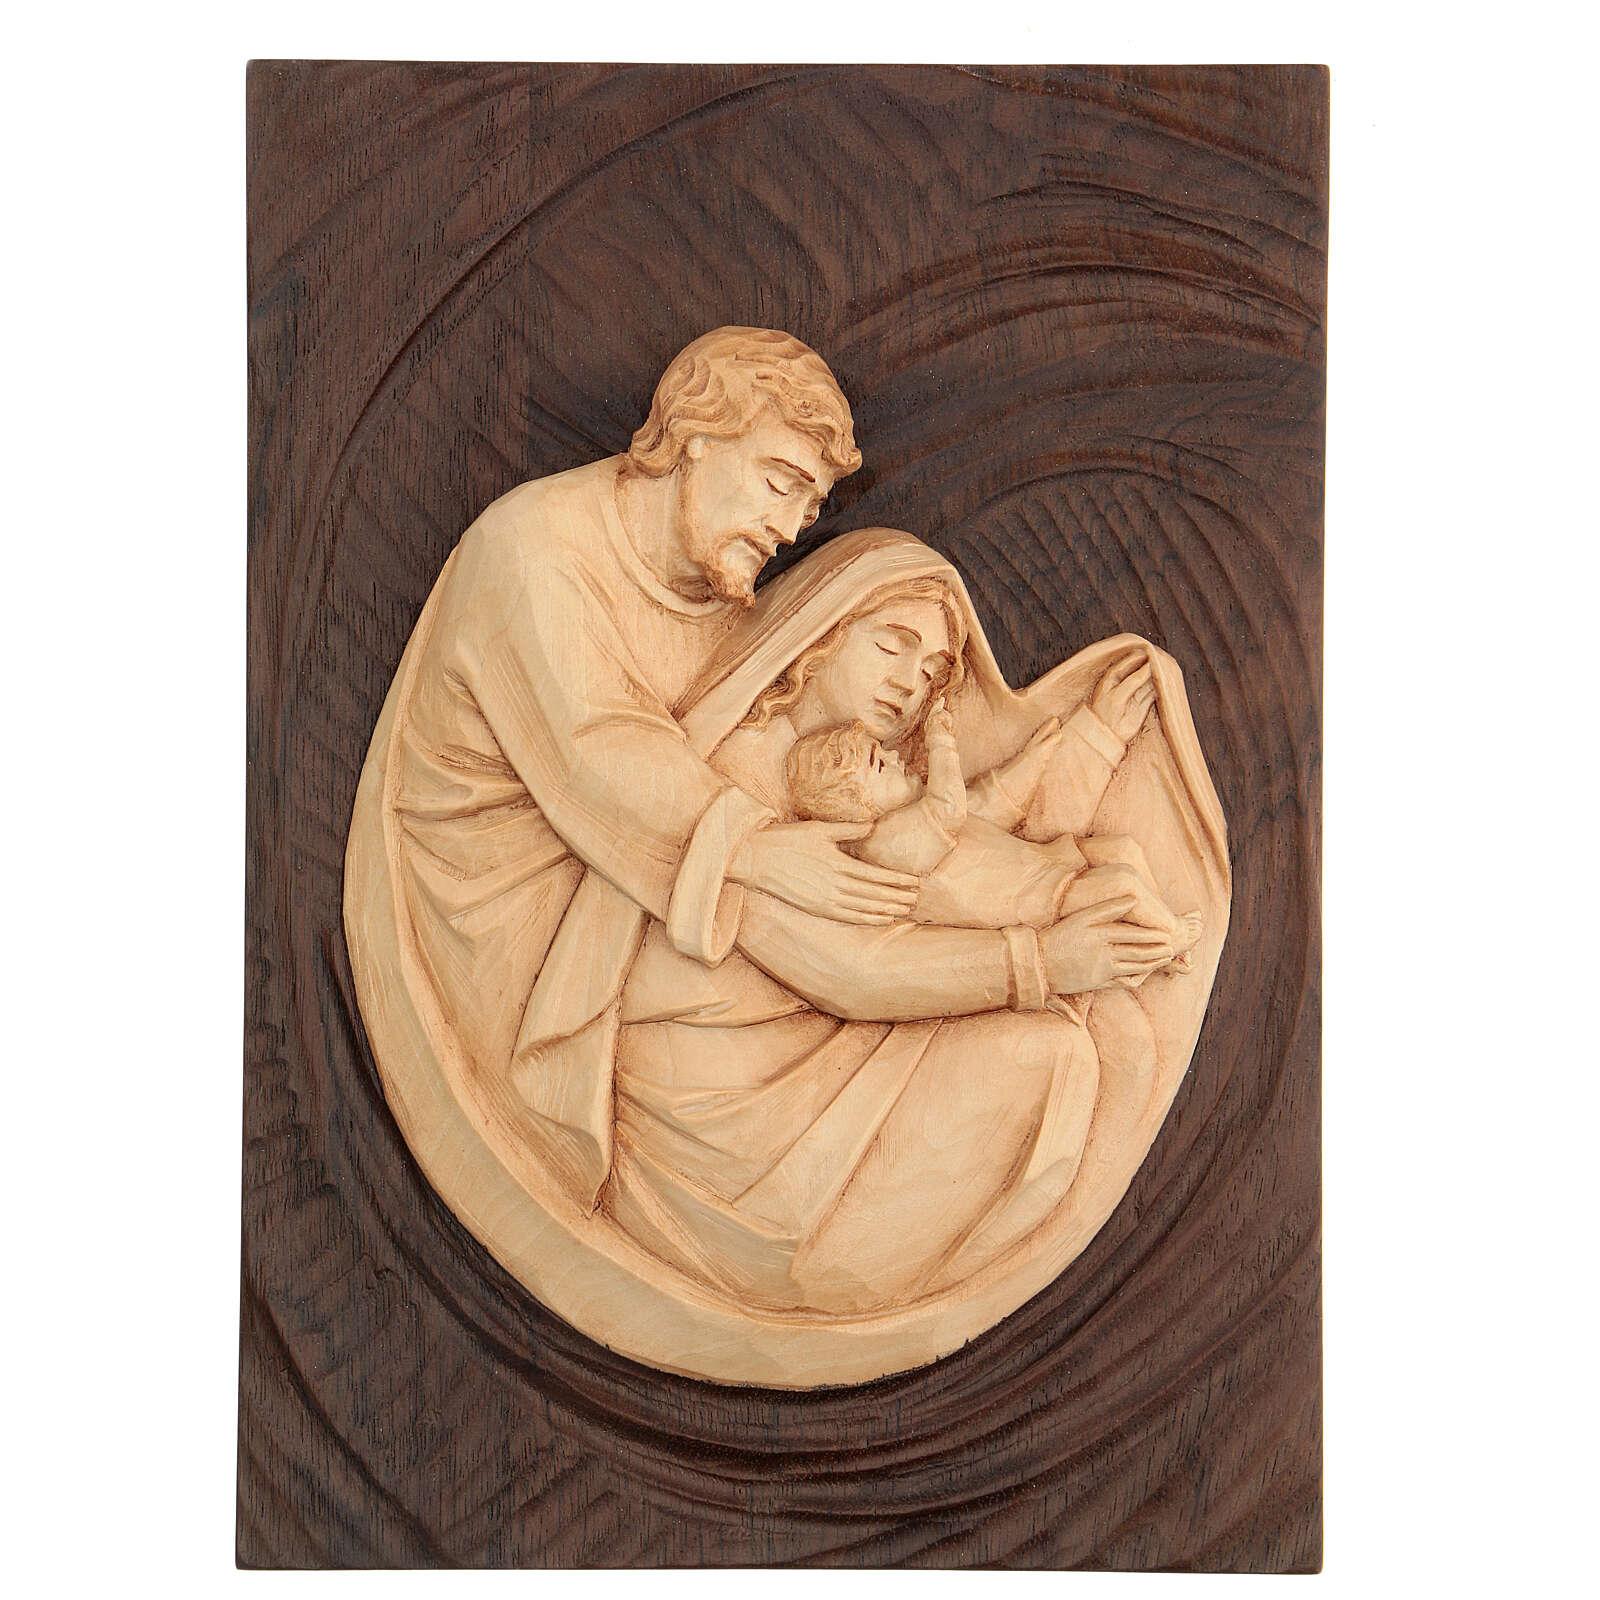 Bassorilievo Sacra Famiglia in lenga e noce 30x20x5 cm Mato Grosso 4